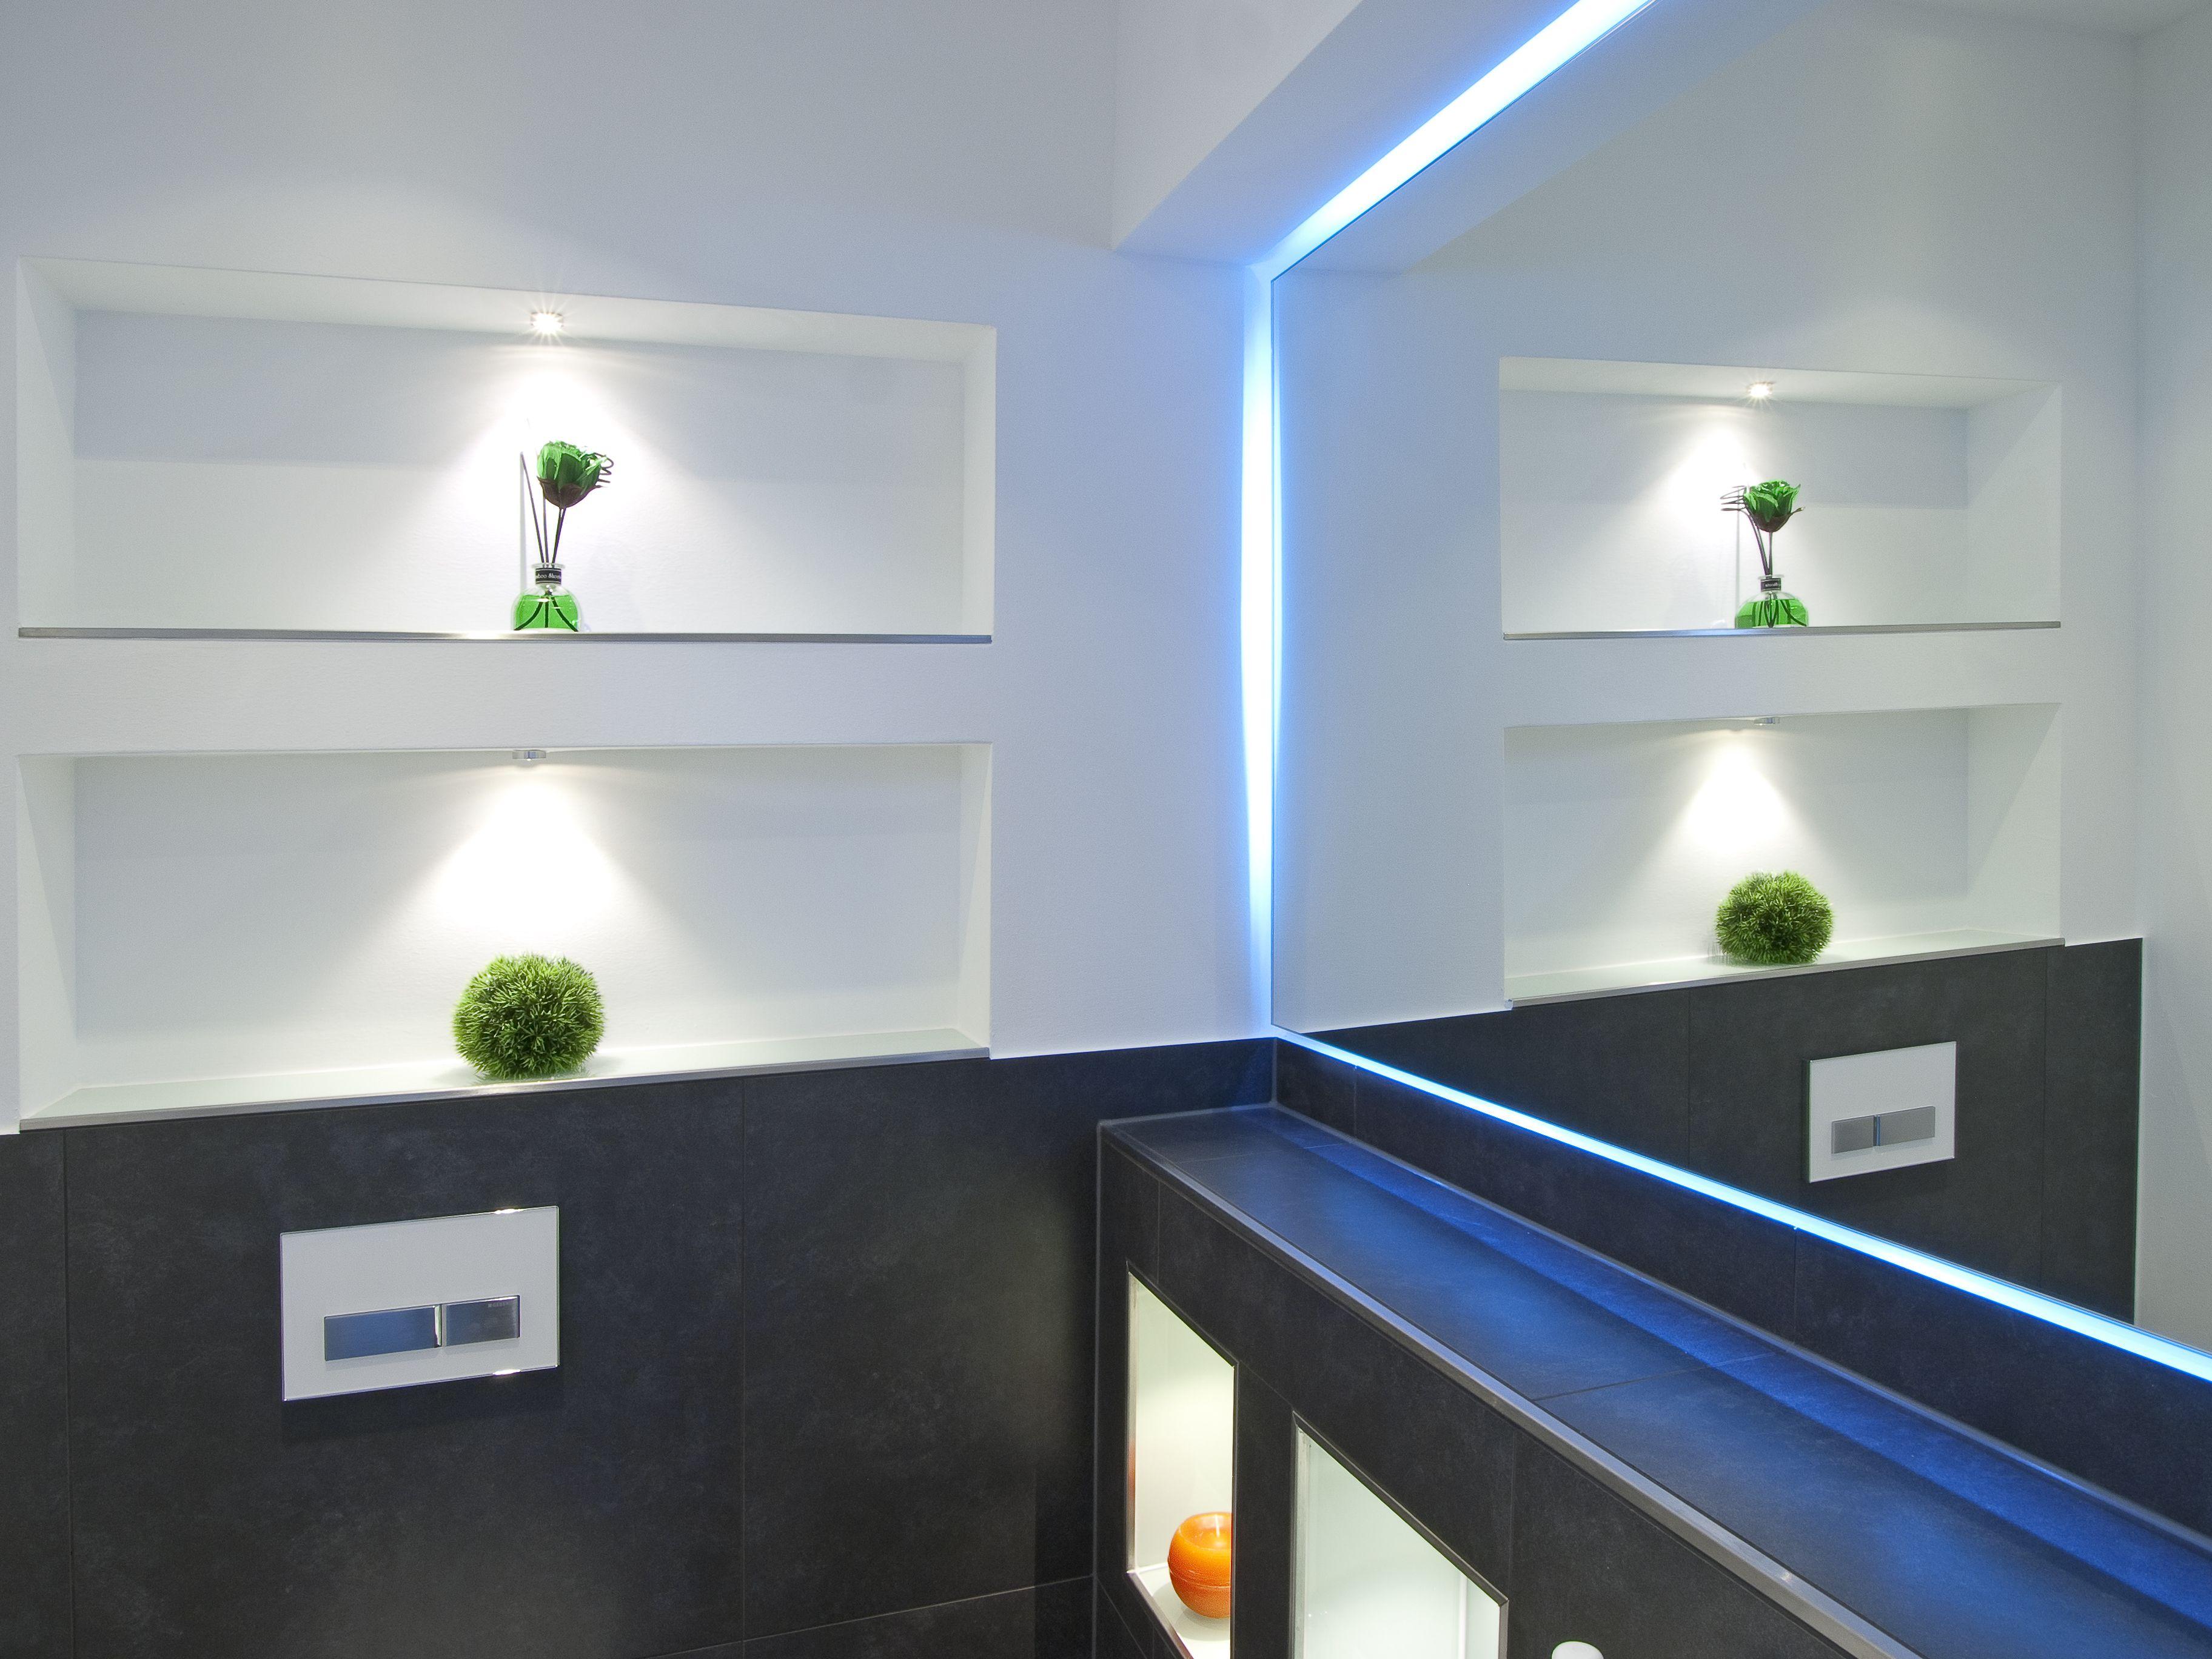 63 besten Inspiration: Badezimmer Bilder auf Pinterest | Badezimmer ...